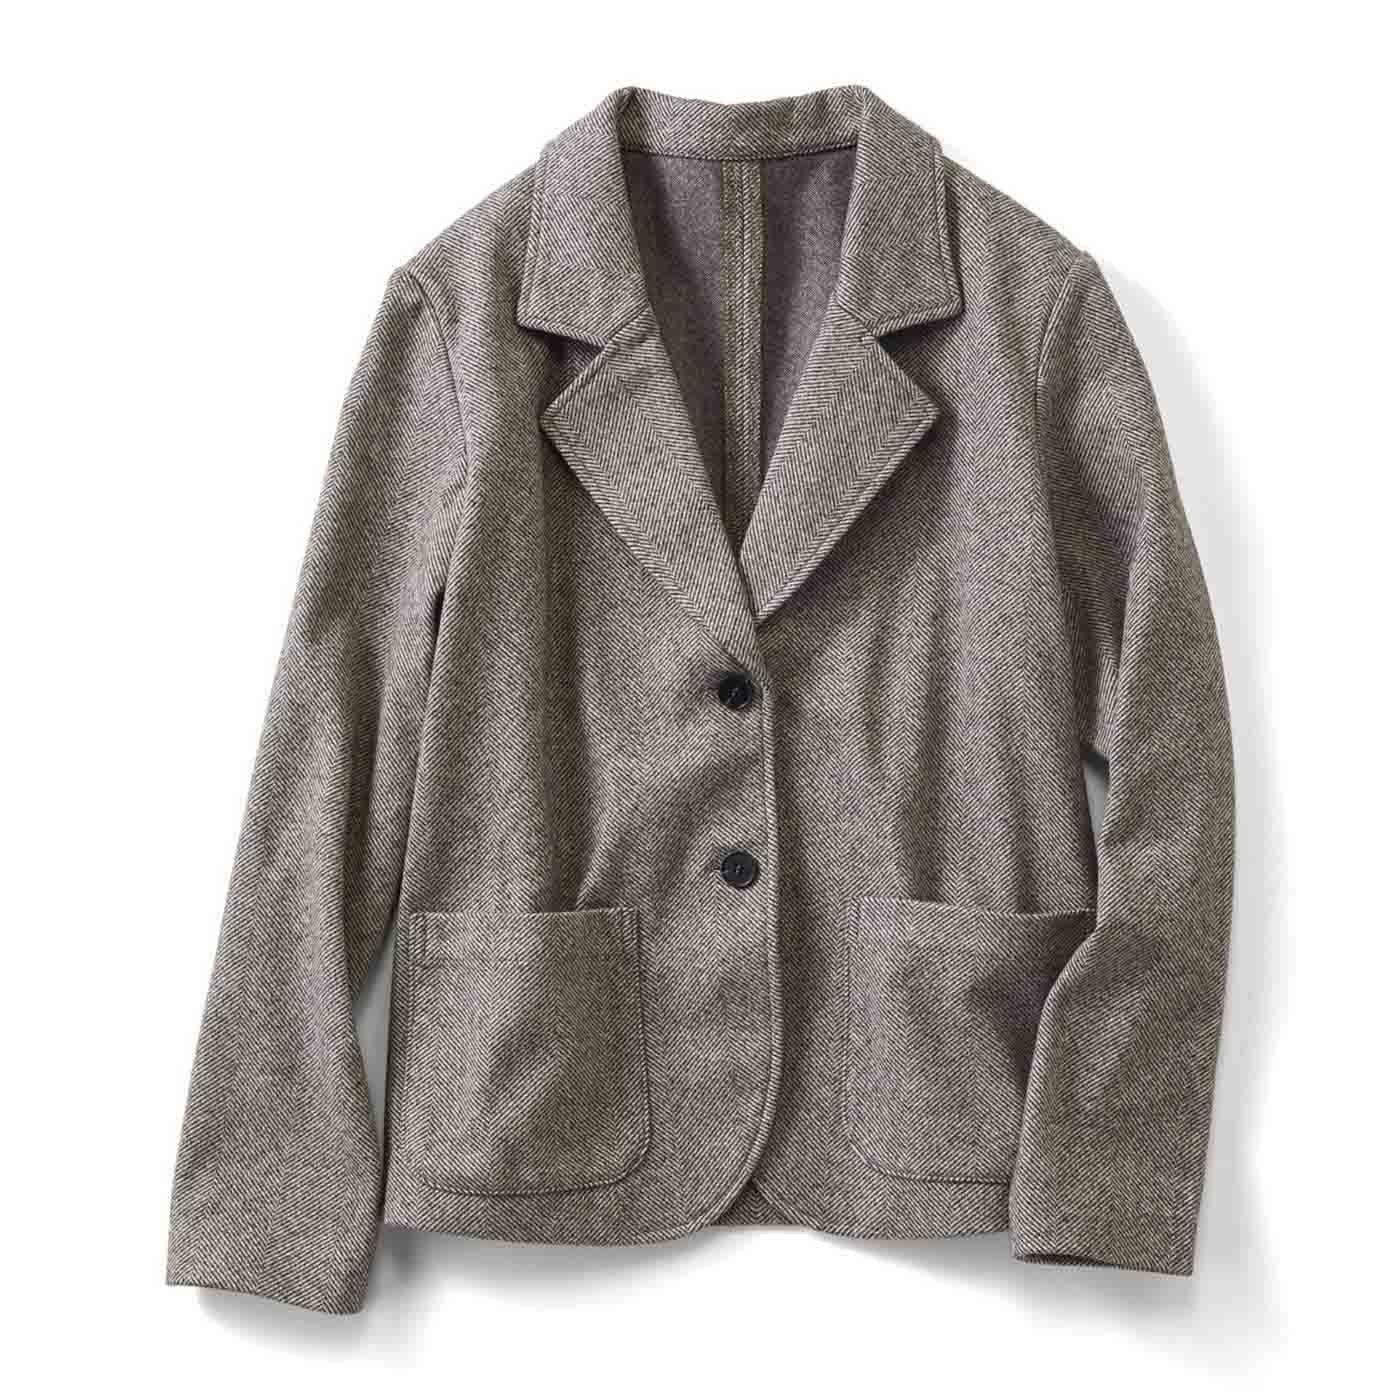 紳士なおめかし ツイードジャケット